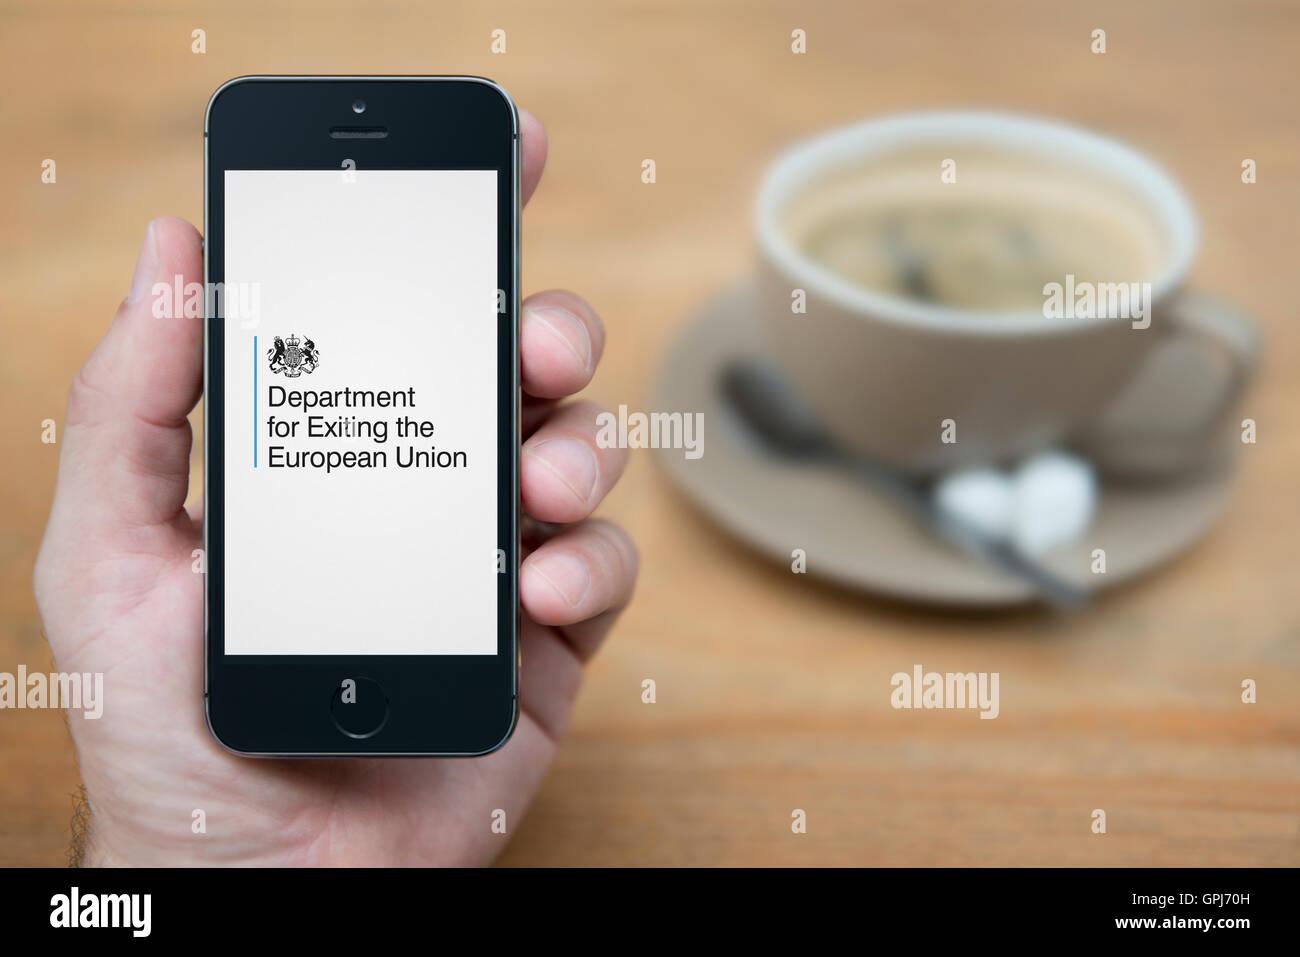 Ein Mann schaut auf seinem iPhone die UK Government Department für den Ausstieg der Europäischen Union Stockbild